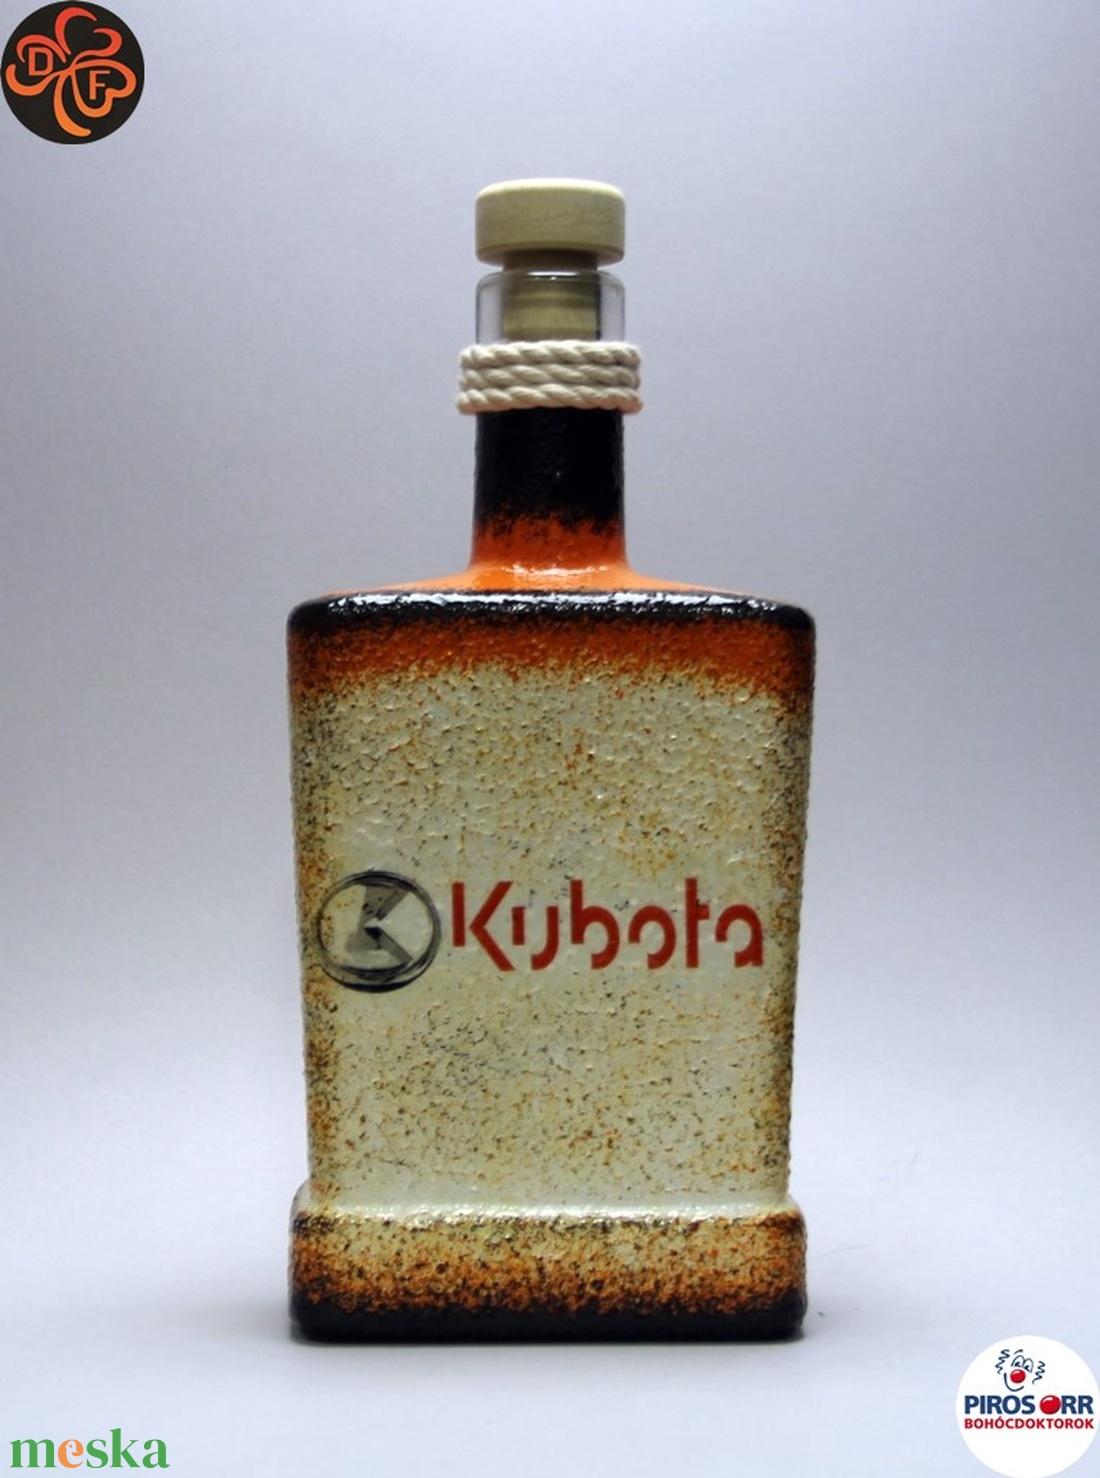 Kubota Traktor italos üveg ; Saját Kubota traktorod fényképével is! (decorfantasy) - Meska.hu